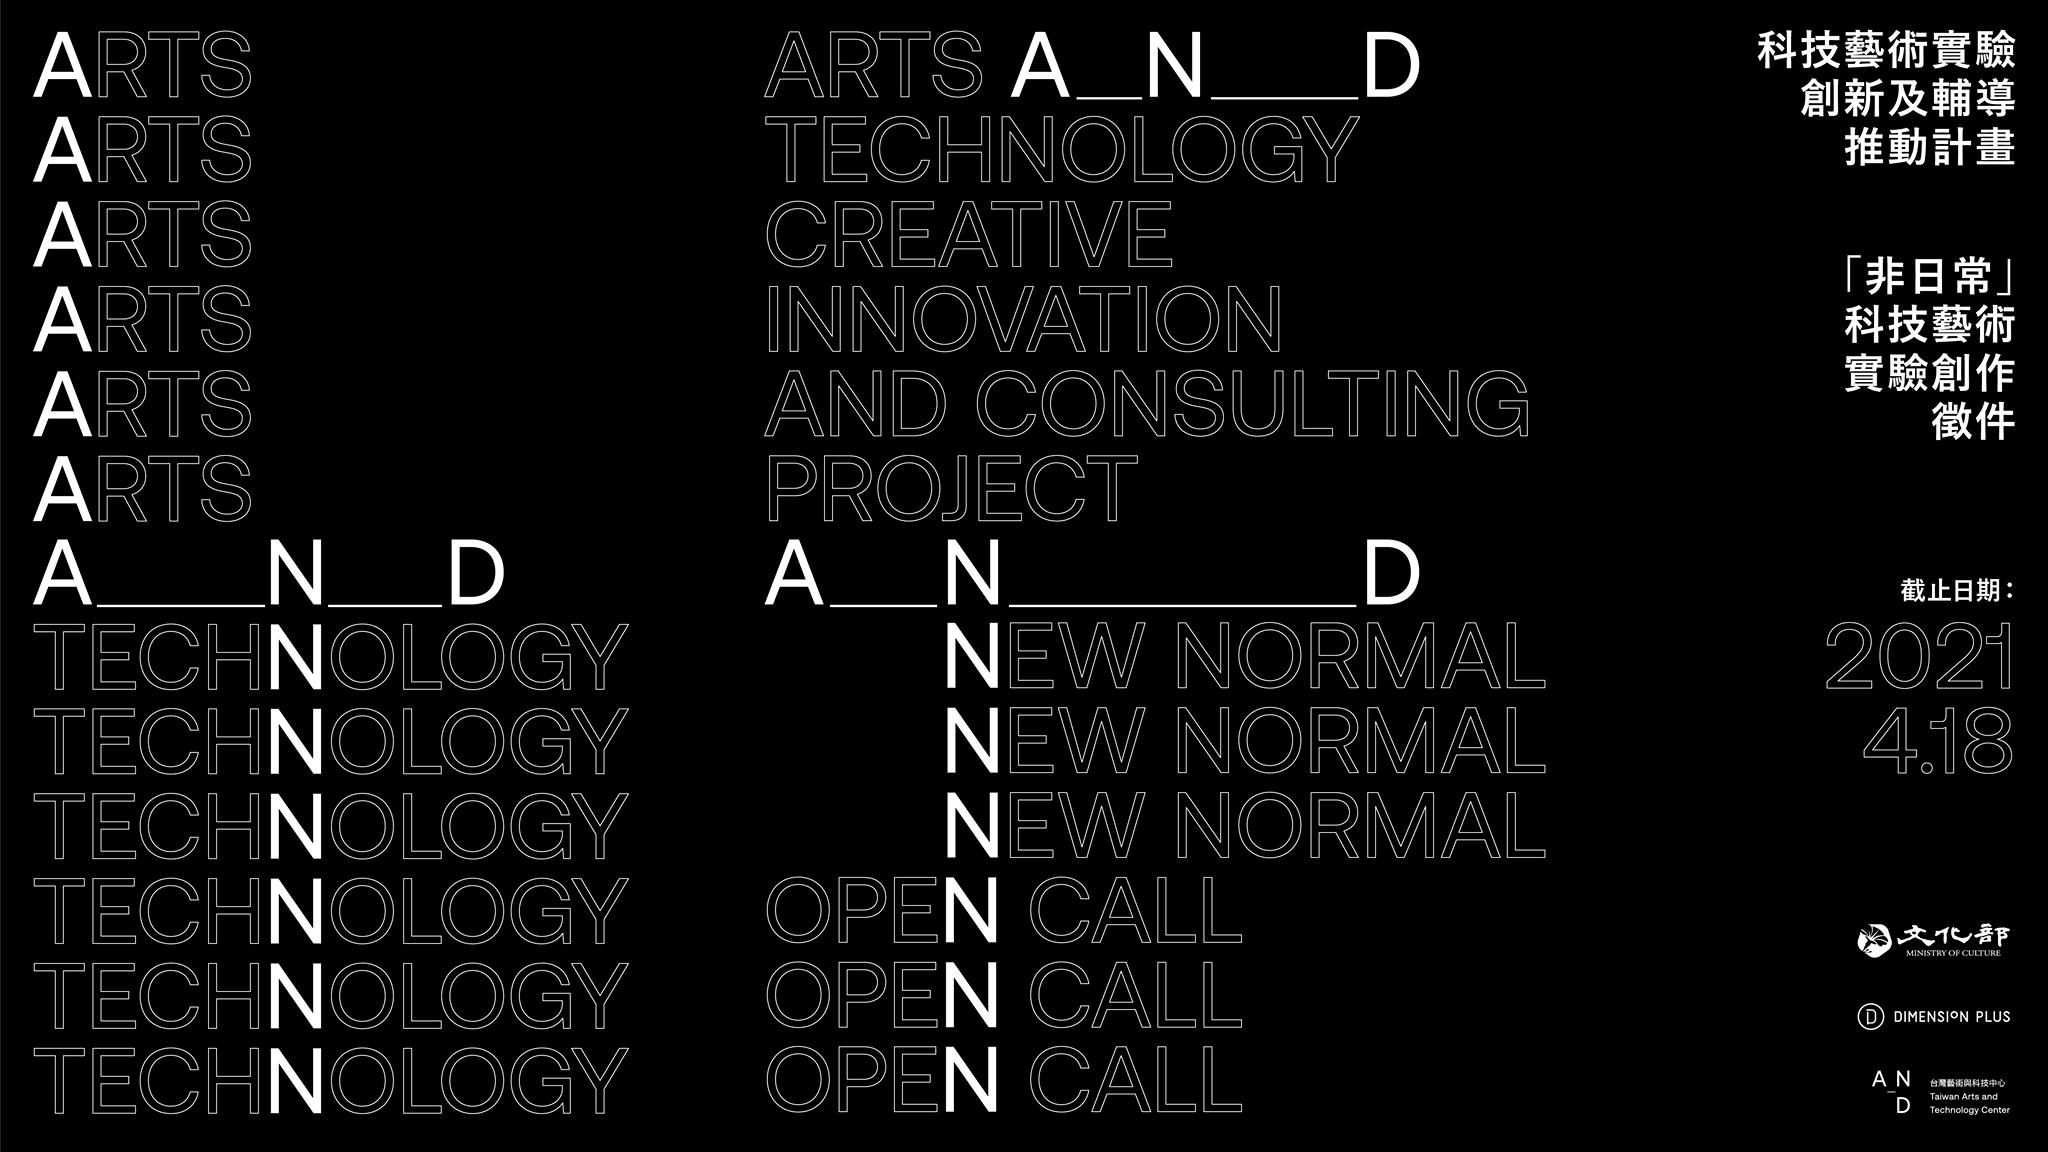 【2021科技藝術實驗創新徵件|即日起至4/18】